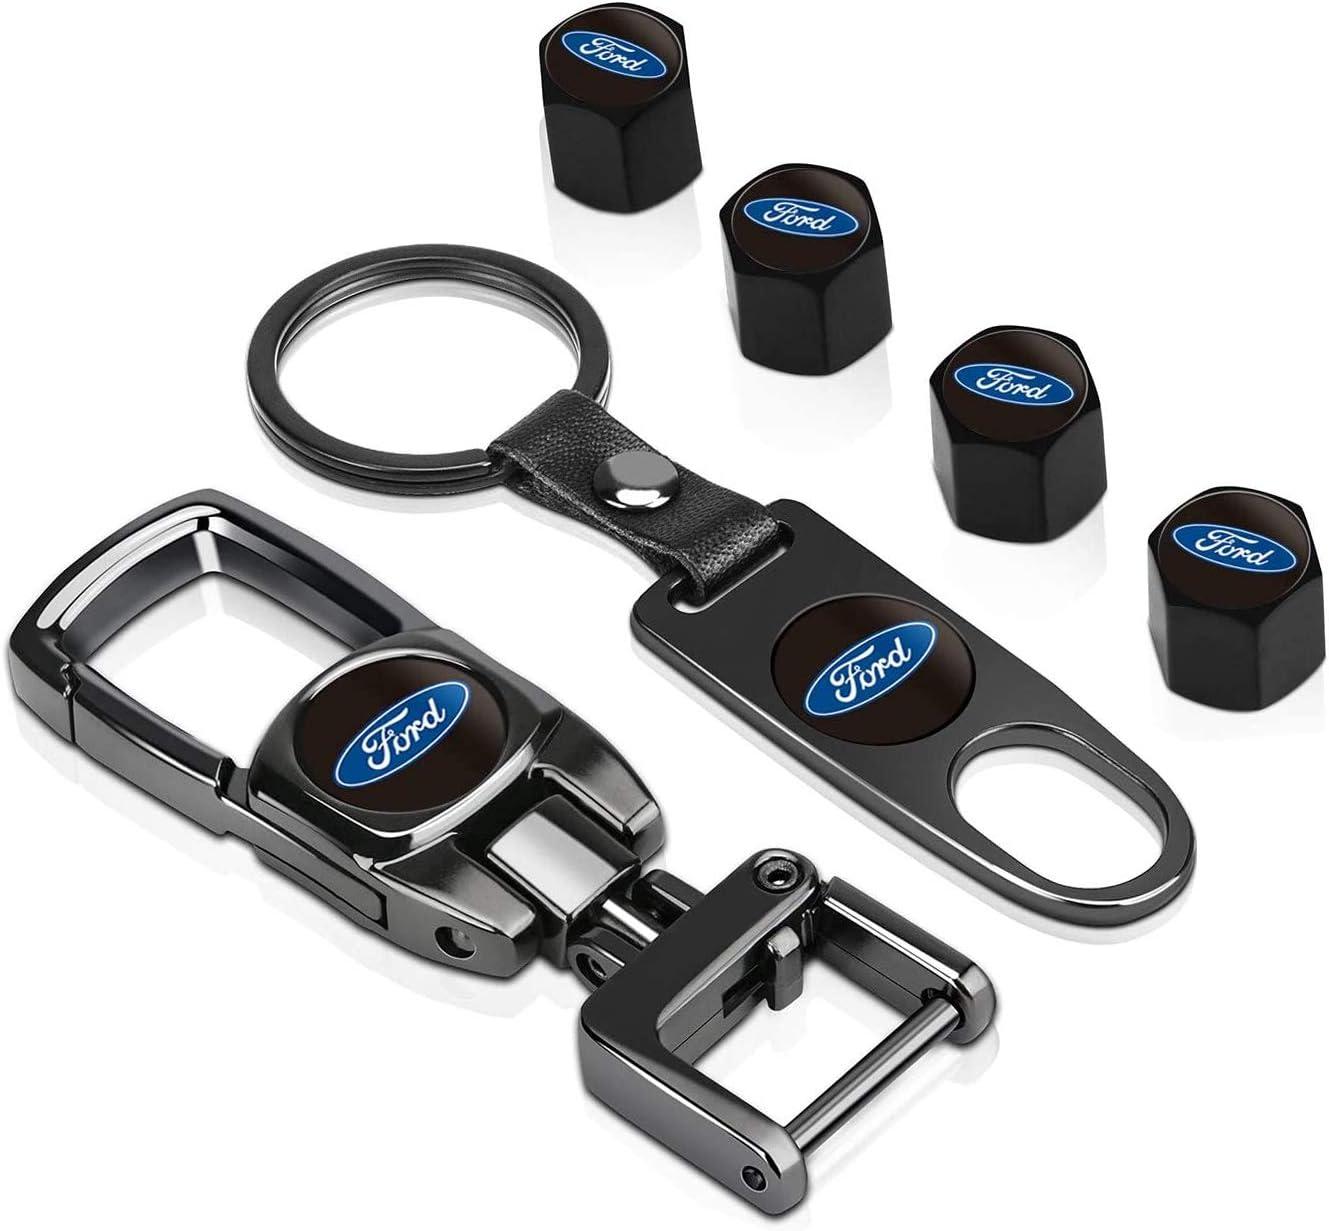 Tire Valve Stem Caps Cover and Heavy-Duty Keychain Combo Set for Nissan Maxima 350z Murano Sentra Rogue Xterra Car Wheel Total 6pcs Heavy-Duty